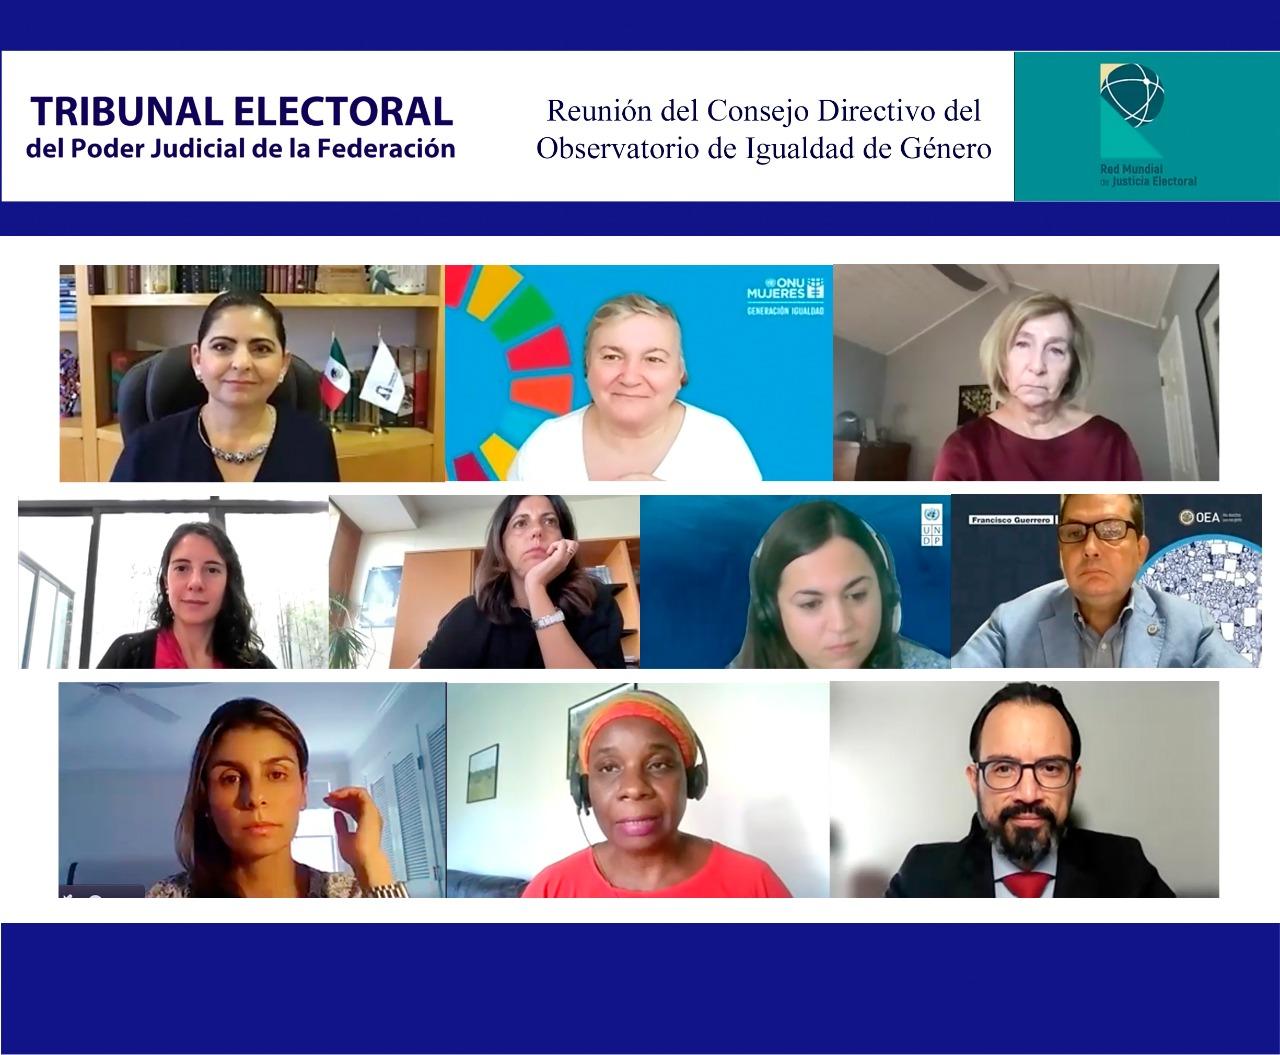 Consejo Directivo del Observatorio de Igualdad de Género de la Red Mundial de Justicia Electoral dará seguimiento a violencia política por razón de género en todo el mundo